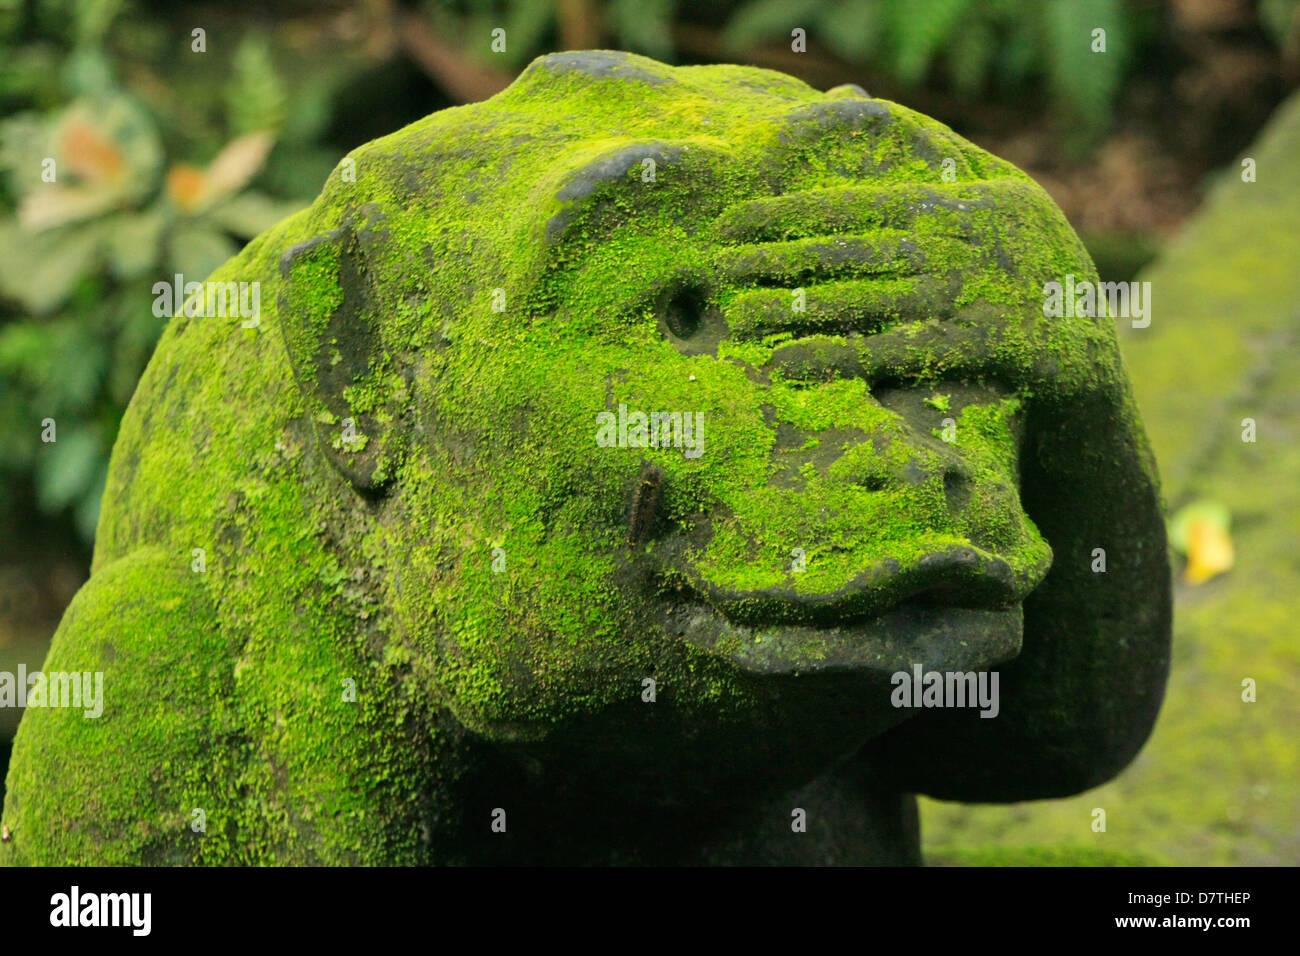 Statue of monkey, Ubud Monkey Forest, Bali, Indonesia - Stock Image